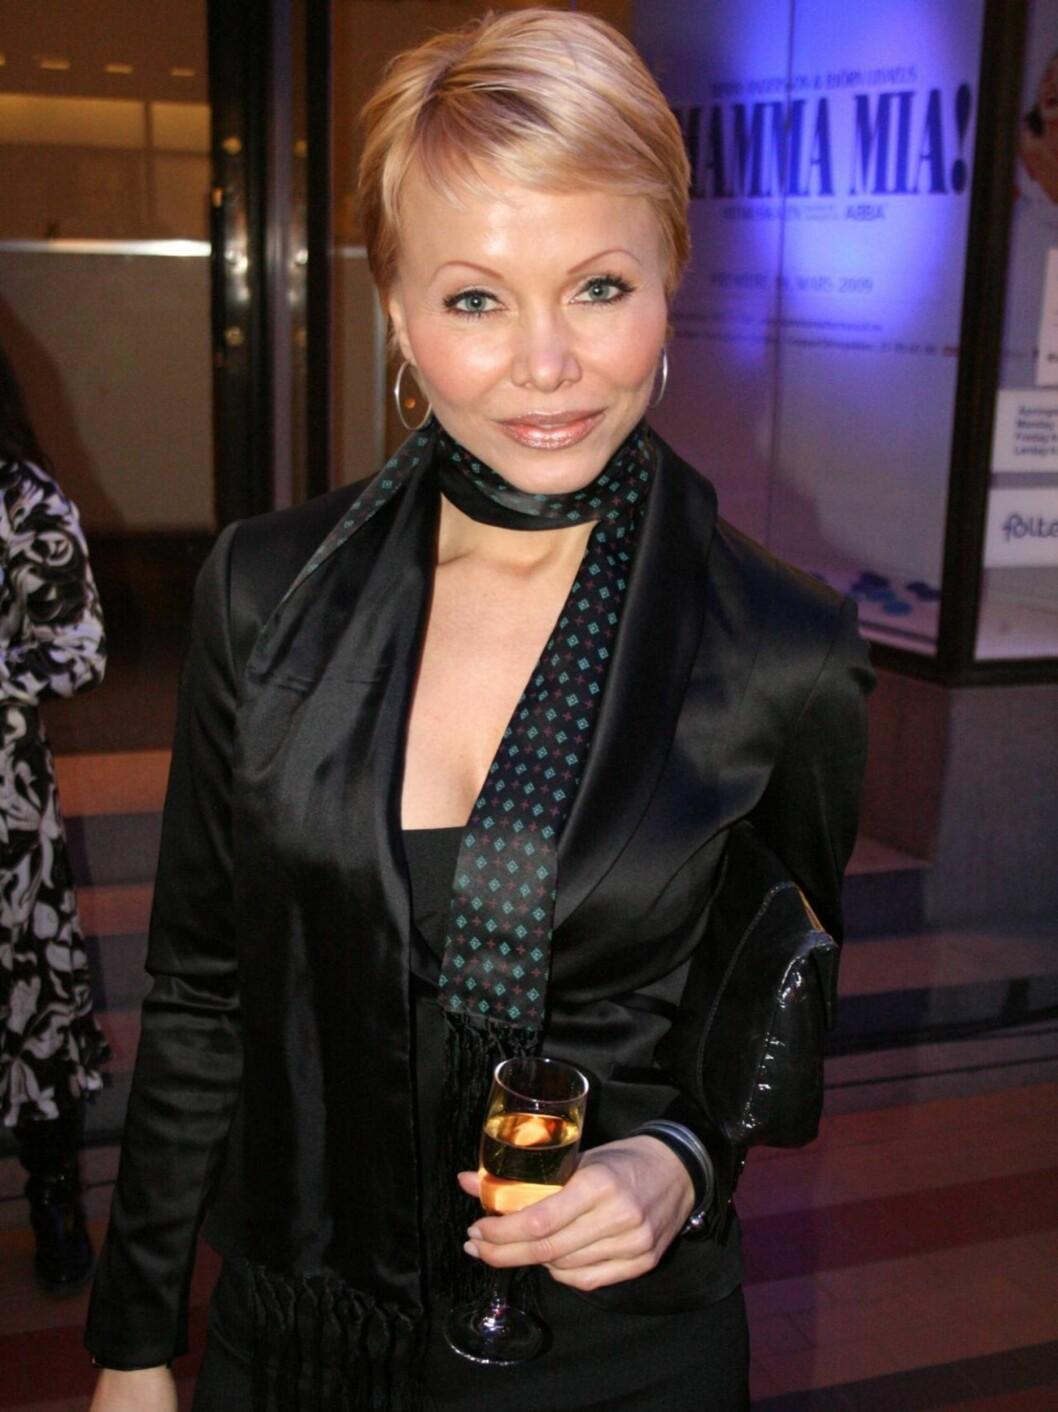 VELDIG GLAMOURØST: Skjønnhetsgründer Linda Johansen syntes at folk tok seg svært godt ut på den glamourøse festen.  Foto: Seher.no/Anders Myhren